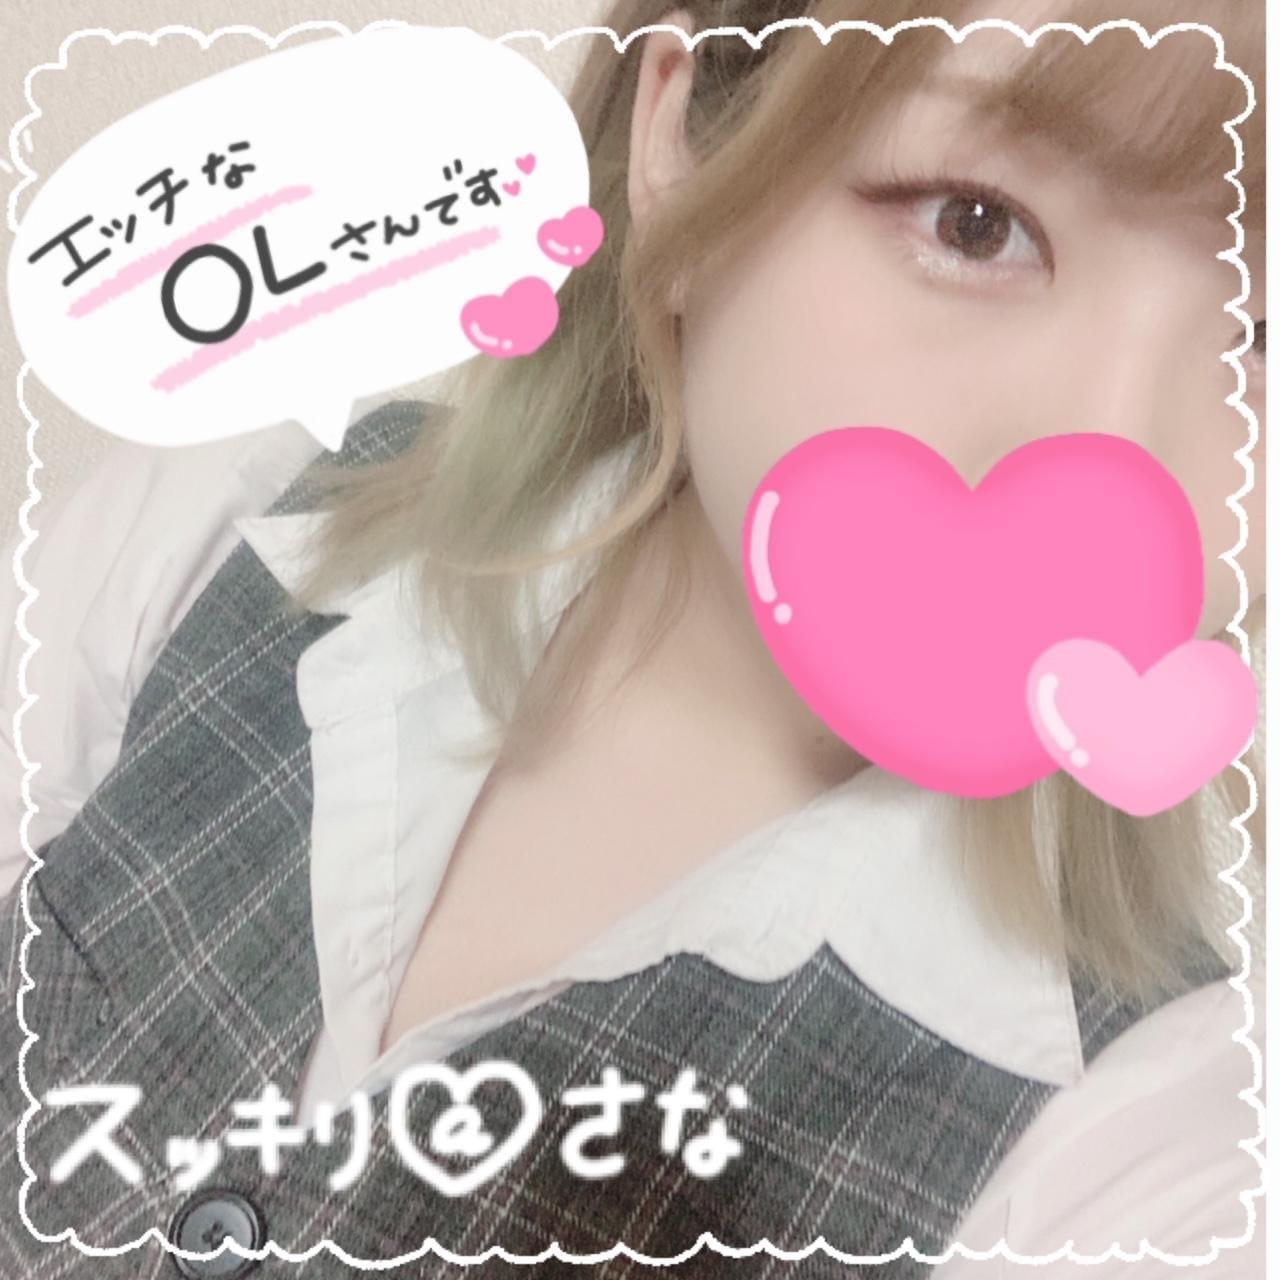 「たいきん⸜ ♡ ⸝」04/13(04/13) 00:07 | 秋山 さなの写メ・風俗動画